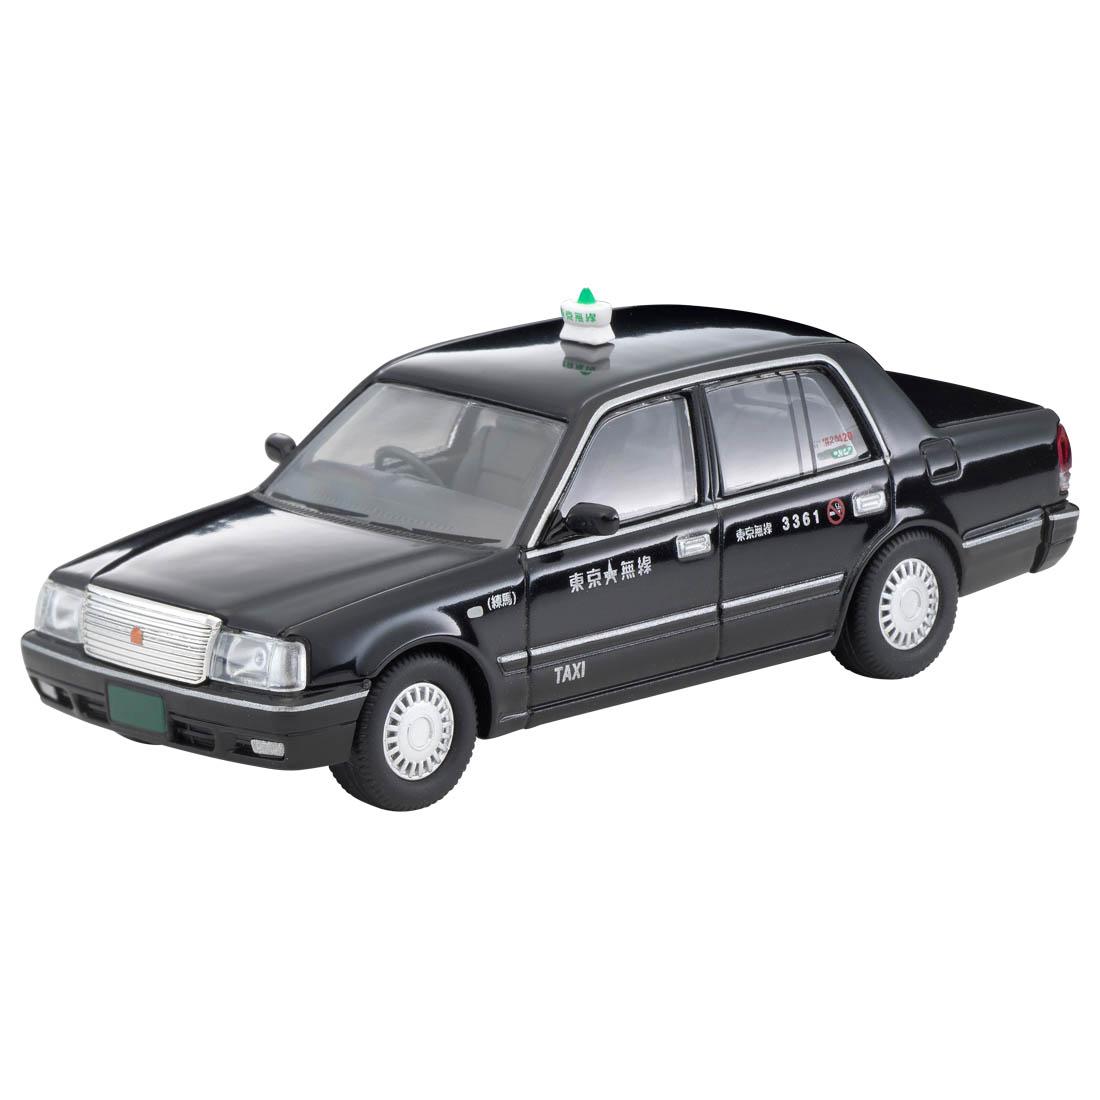 トミカリミテッド ヴィンテージ ネオ TLV-NEO『LV-N218a トヨタ クラウンコンフォート 東京無線タクシー(緑)』1/64 ミニカー-010